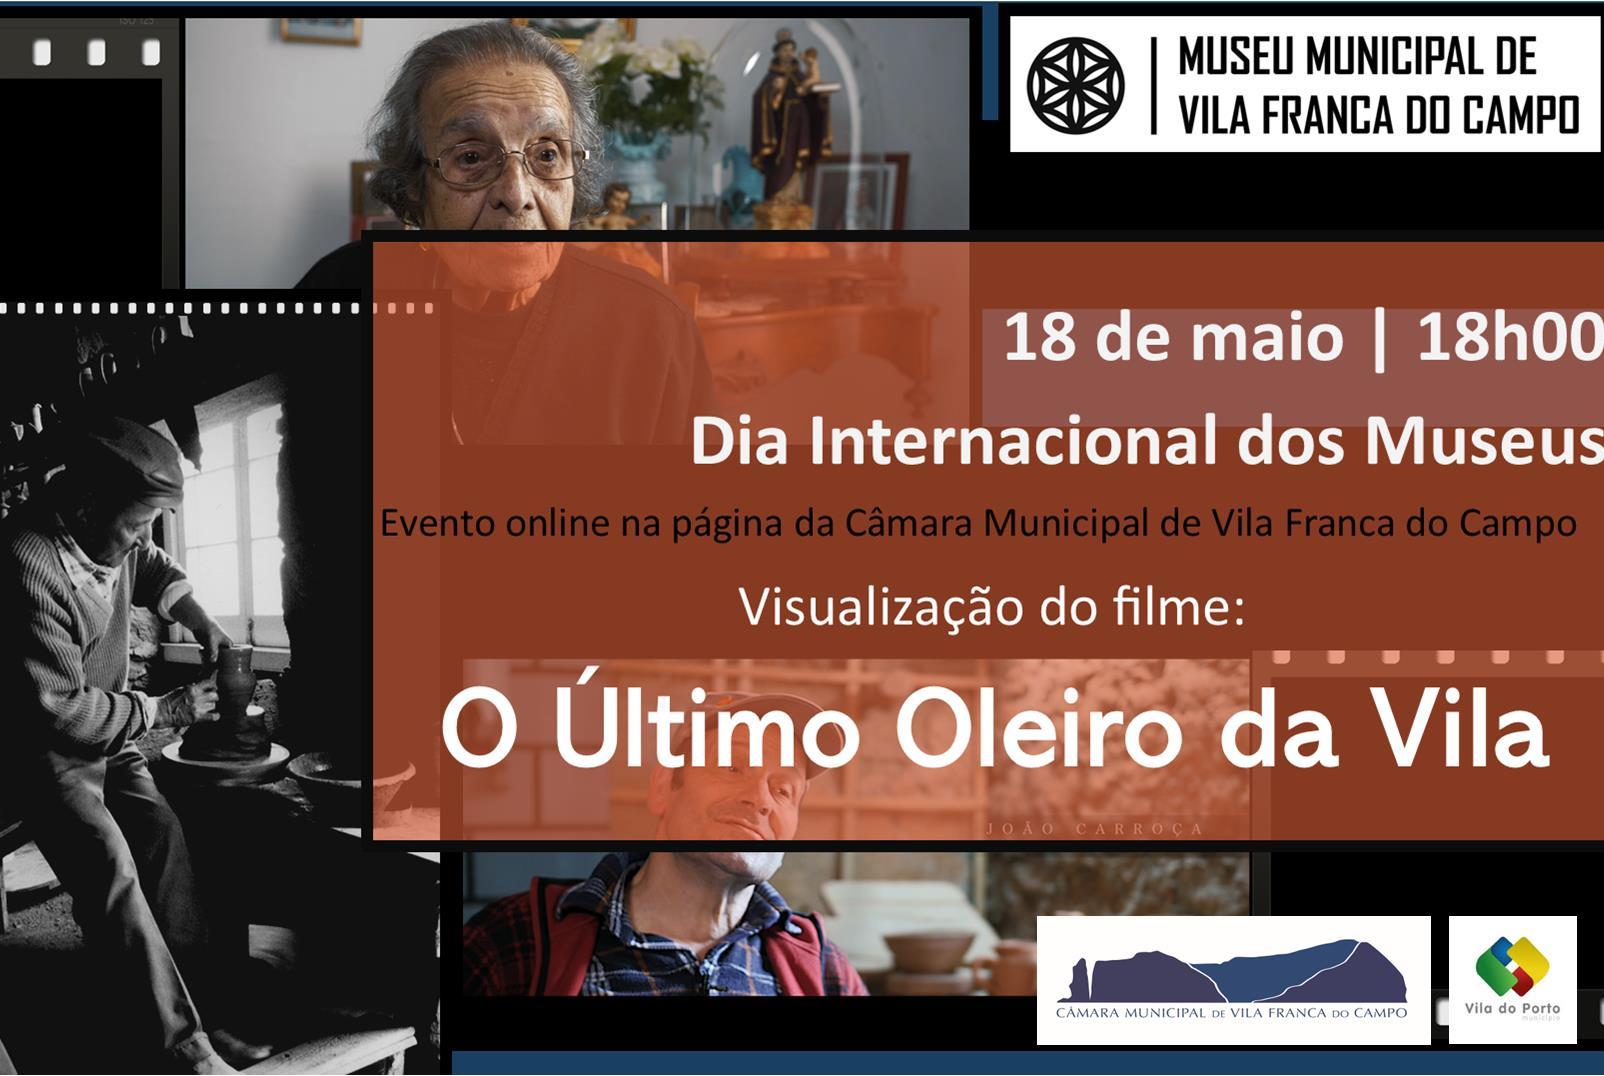 Filme: O Último Oleiro da Vila